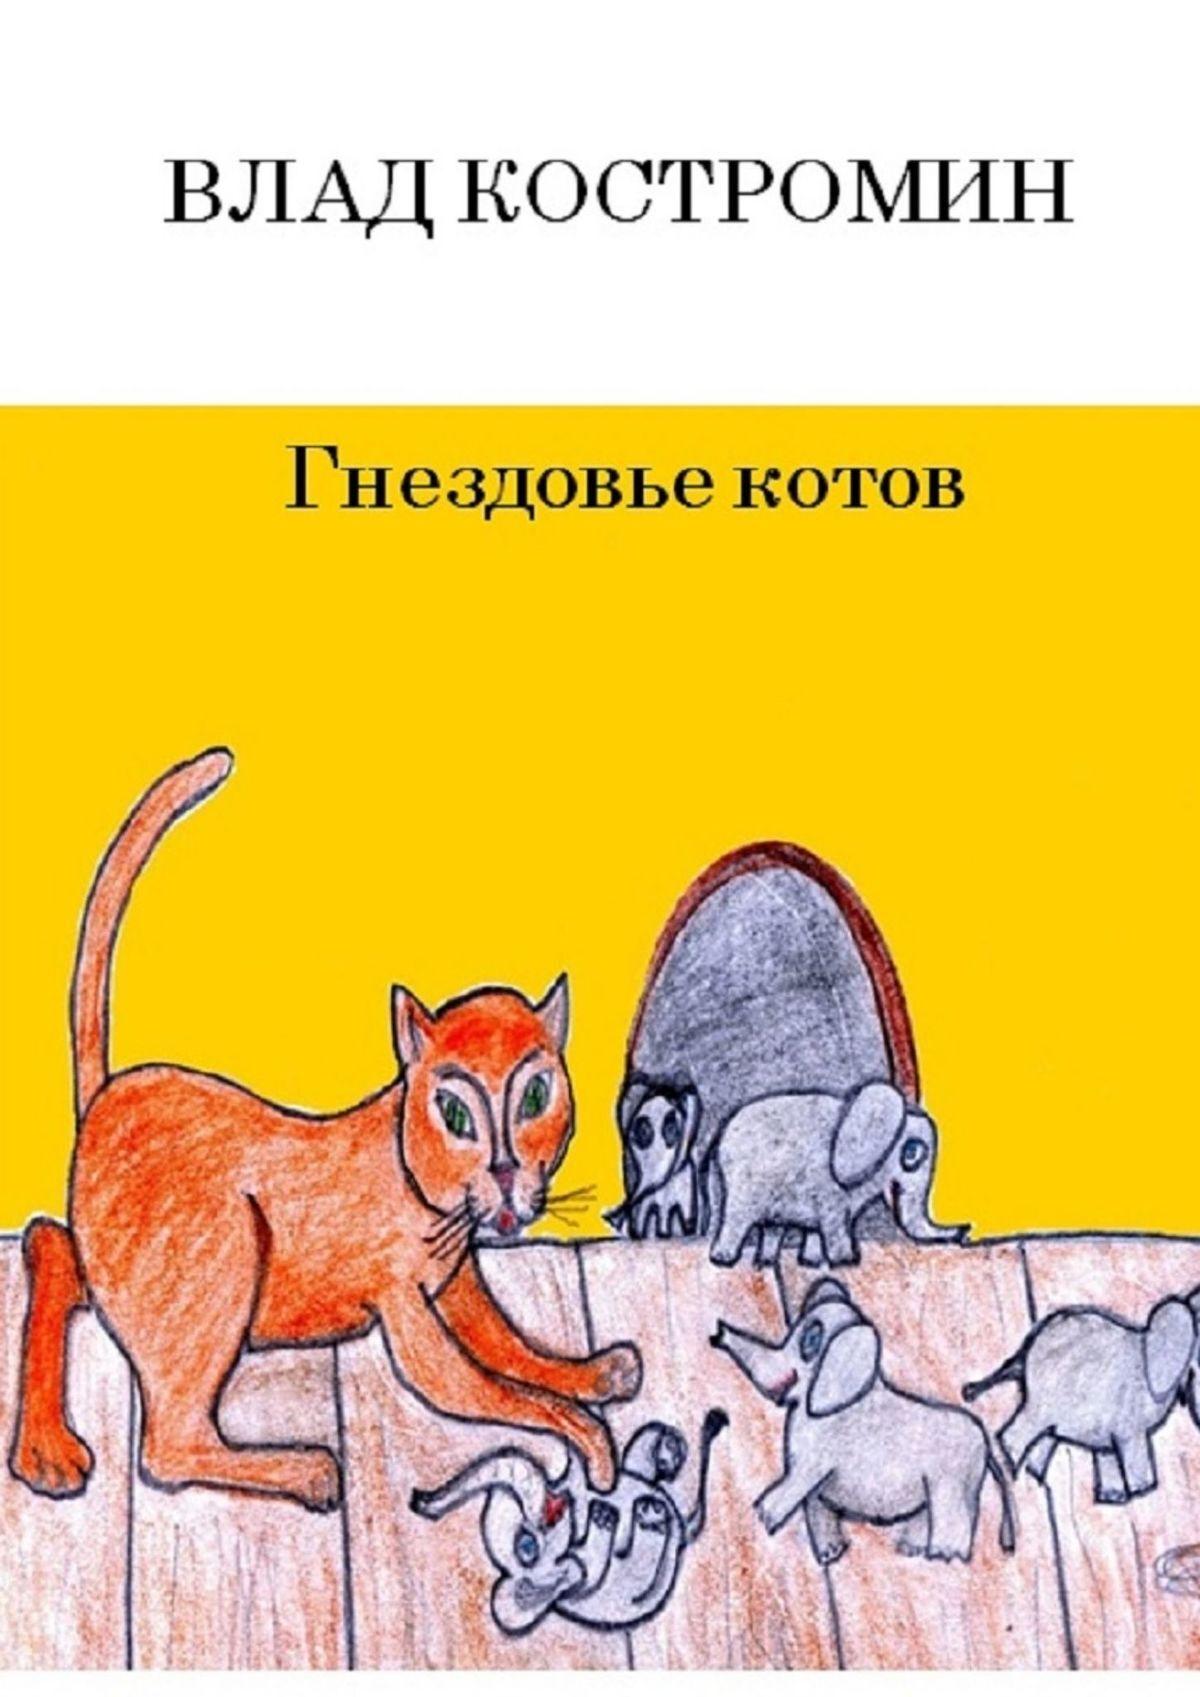 Гнездовье котов